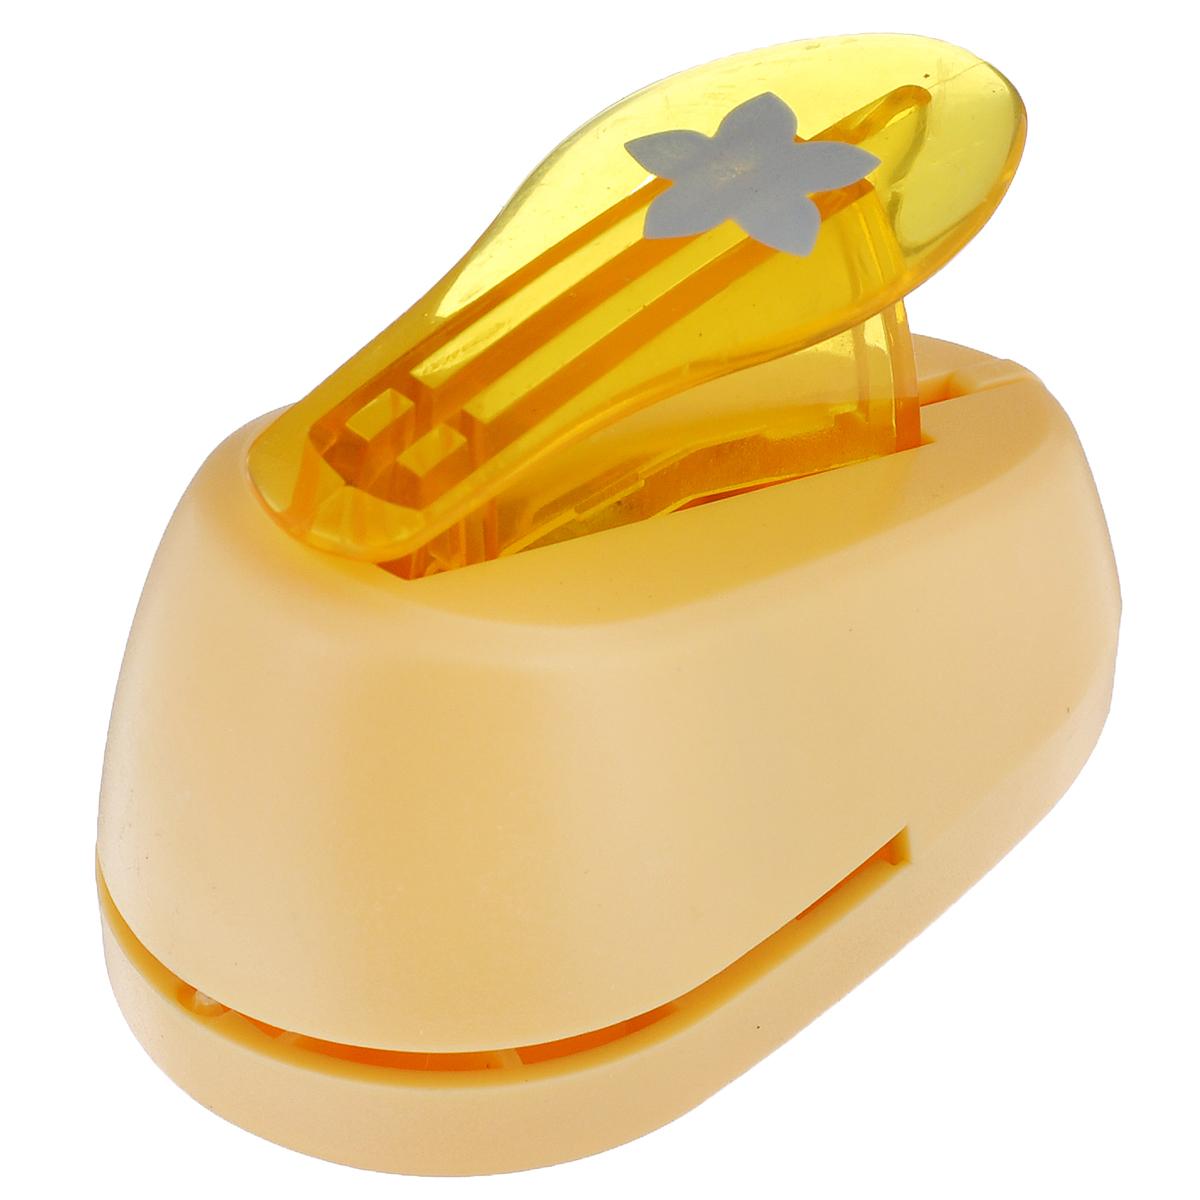 Дырокол фигурный Hobbyboom Цветок, №97, цвет: оранжевый, 2,5 см,FS-00102Фигурный дырокол Hobbyboom Цветок, изготовленный из прочного металла и пластика, поможет вам легко, просто и аккуратно вырезать много одинаковых мелких фигурок.Режущие части дырокола закрыты пластиковым корпусом, что обеспечивает безопасность для детей. Предназначен для бумаги плотностью - 80 - 200 г/м2. Рисунок прорези указан на ручке дырокола.Размер дырокола: 8 см х 5 см х 4,5 см. Диаметр готовой фигурки: 2,5 см.